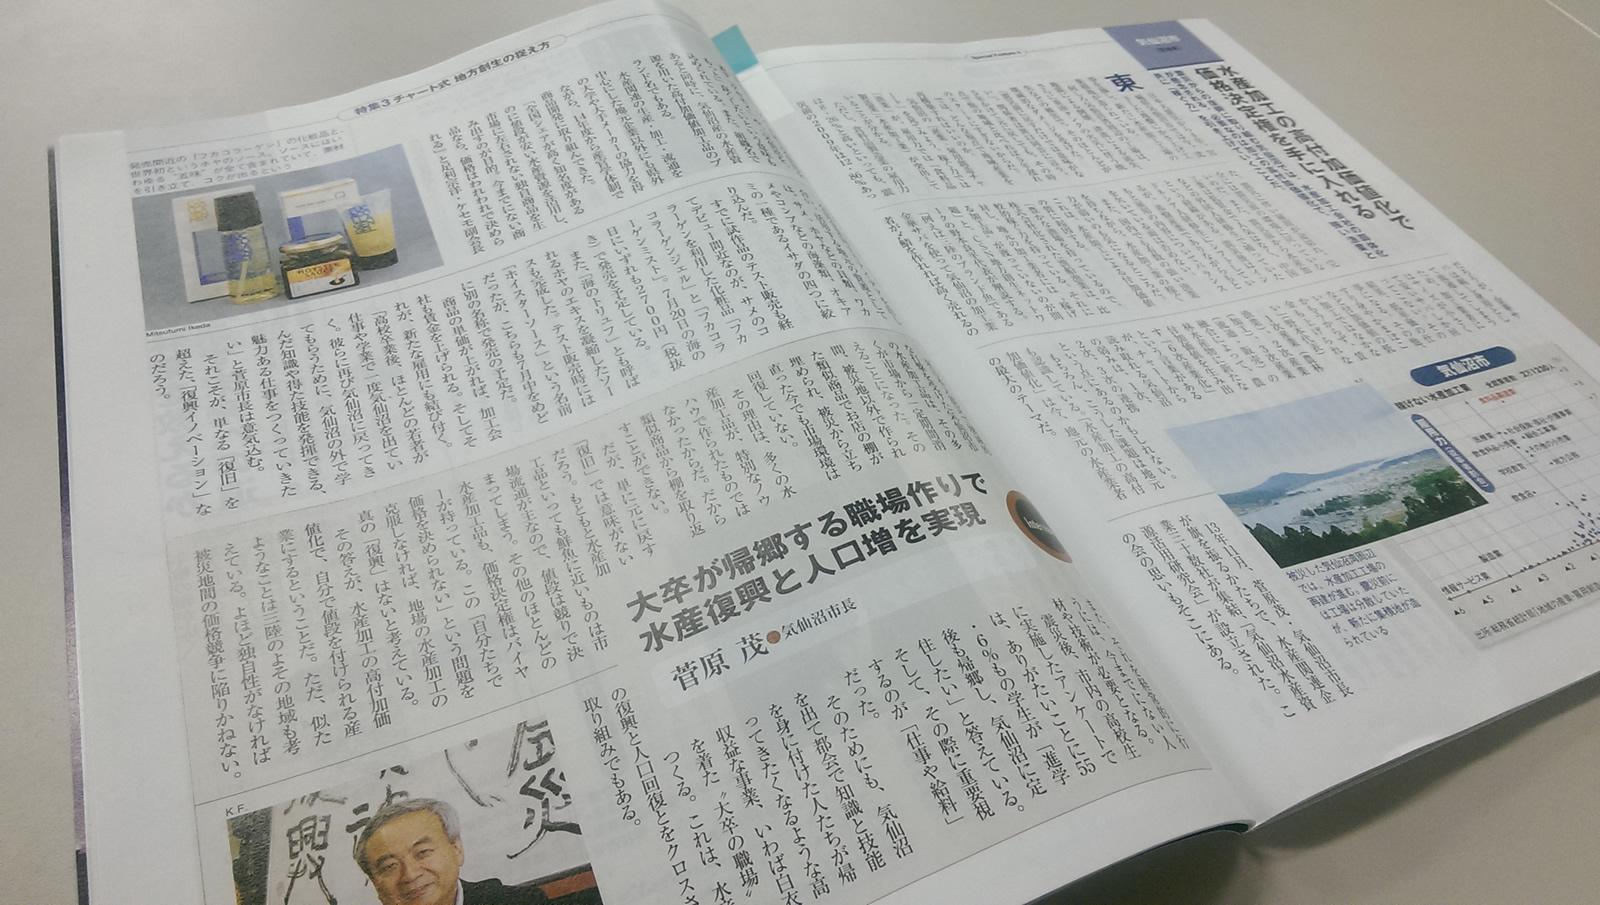 週刊ダイヤモンド(2015年7月11号)特集「地方創生の捉え方」